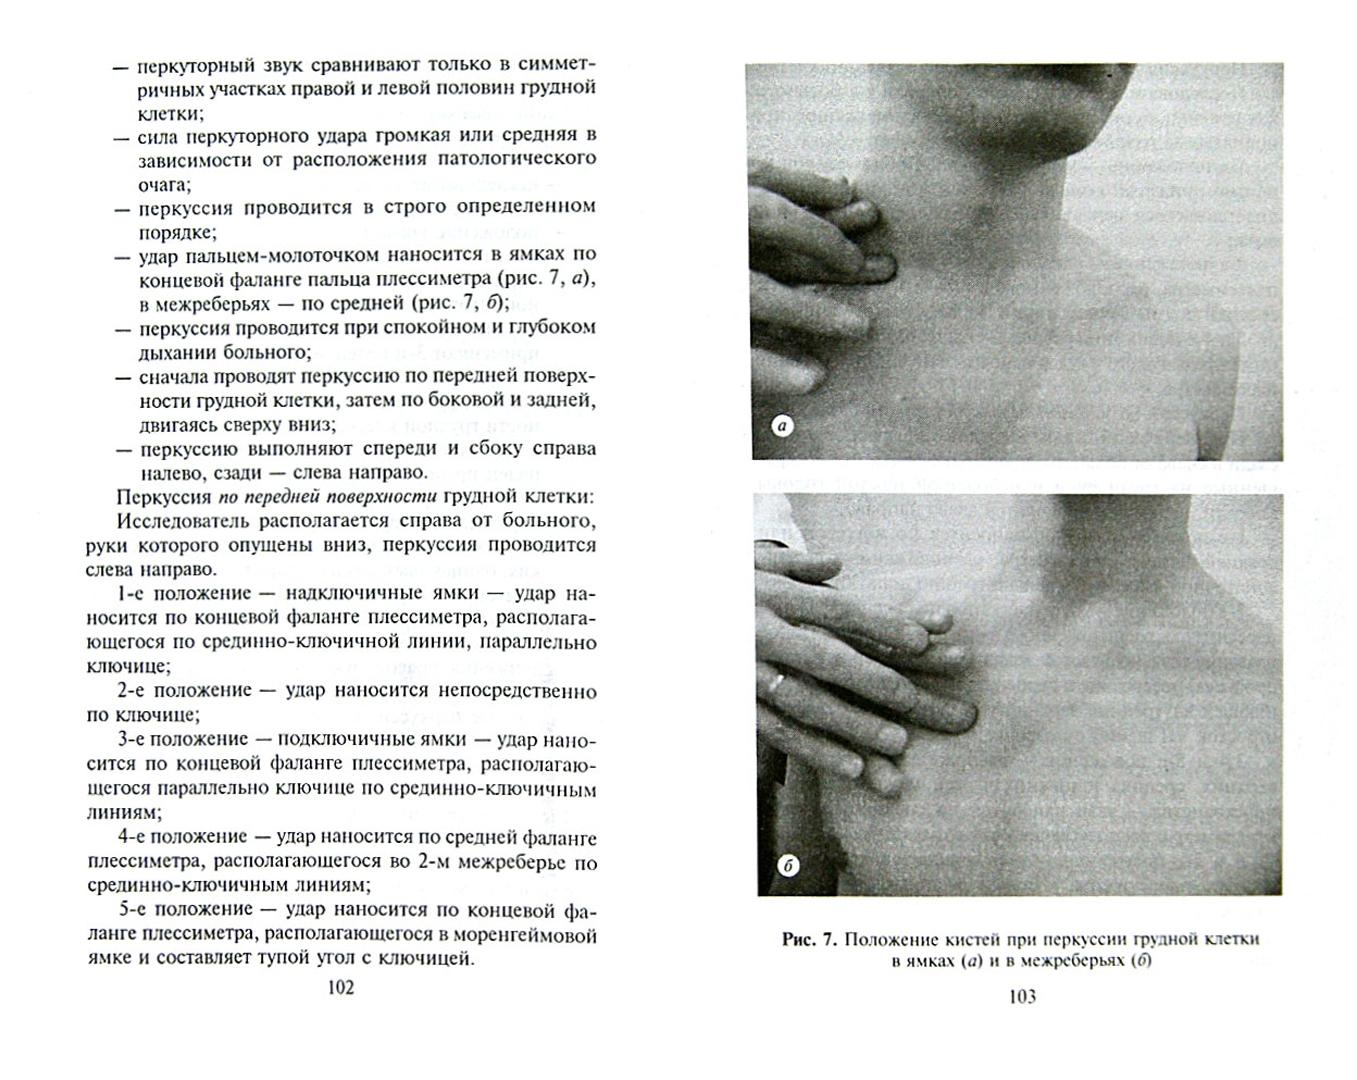 Иллюстрация 1 из 26 для Пропедевтика внутренних болезней. Методы исследования пациента - Щукин, Дьячков, Рябов | Лабиринт - книги. Источник: Лабиринт